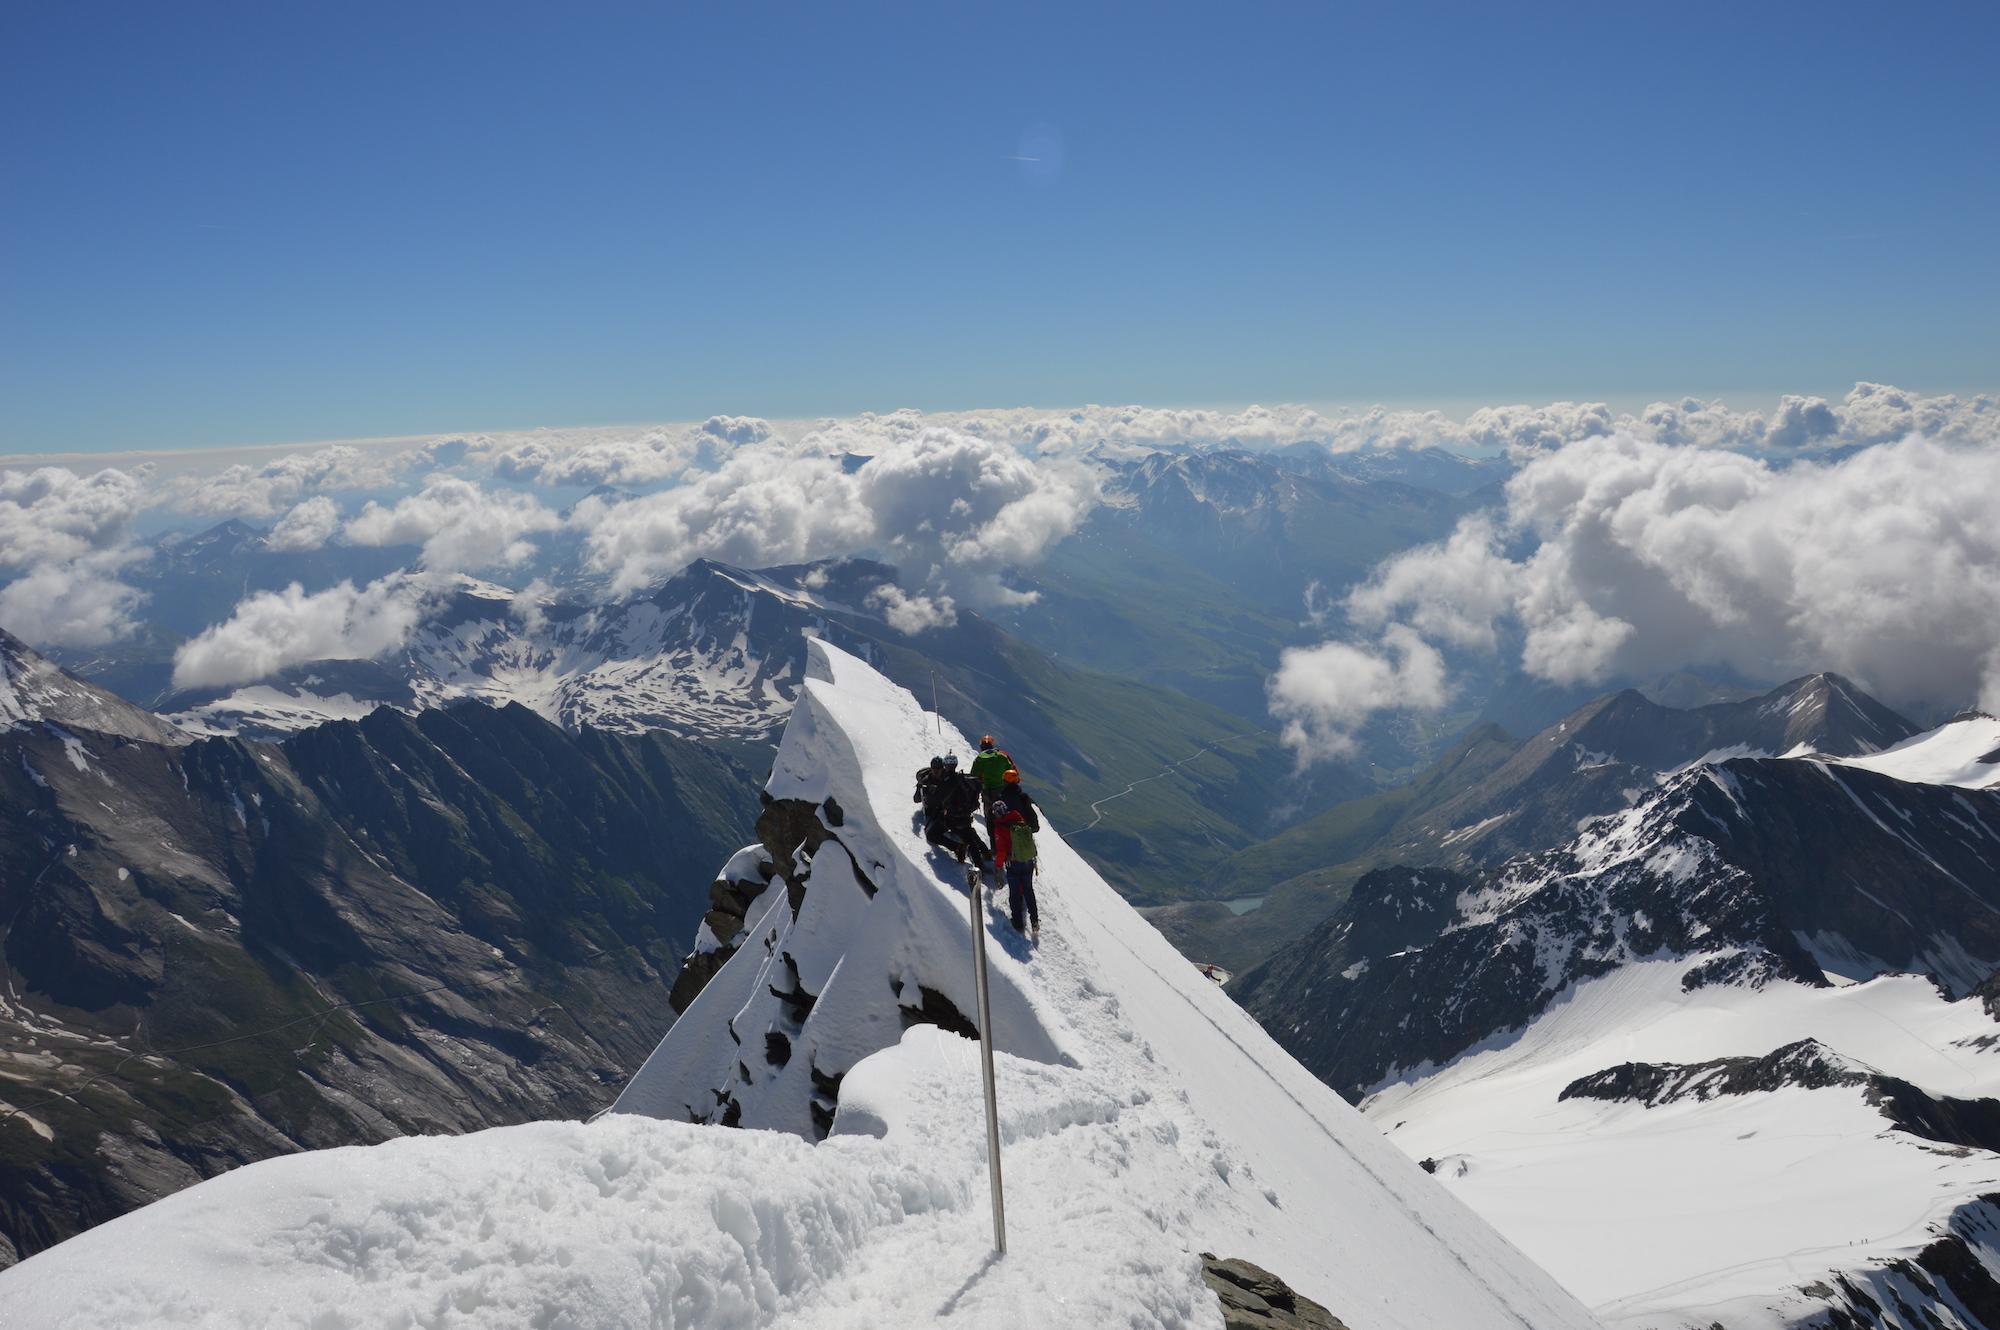 Summit of Grossglockner